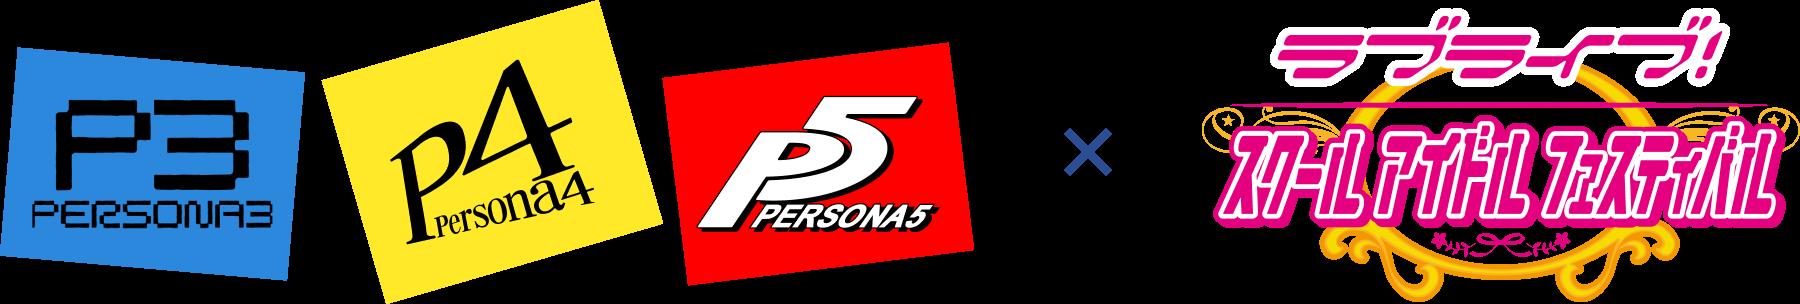 P3 P4 P5 × スクフェス